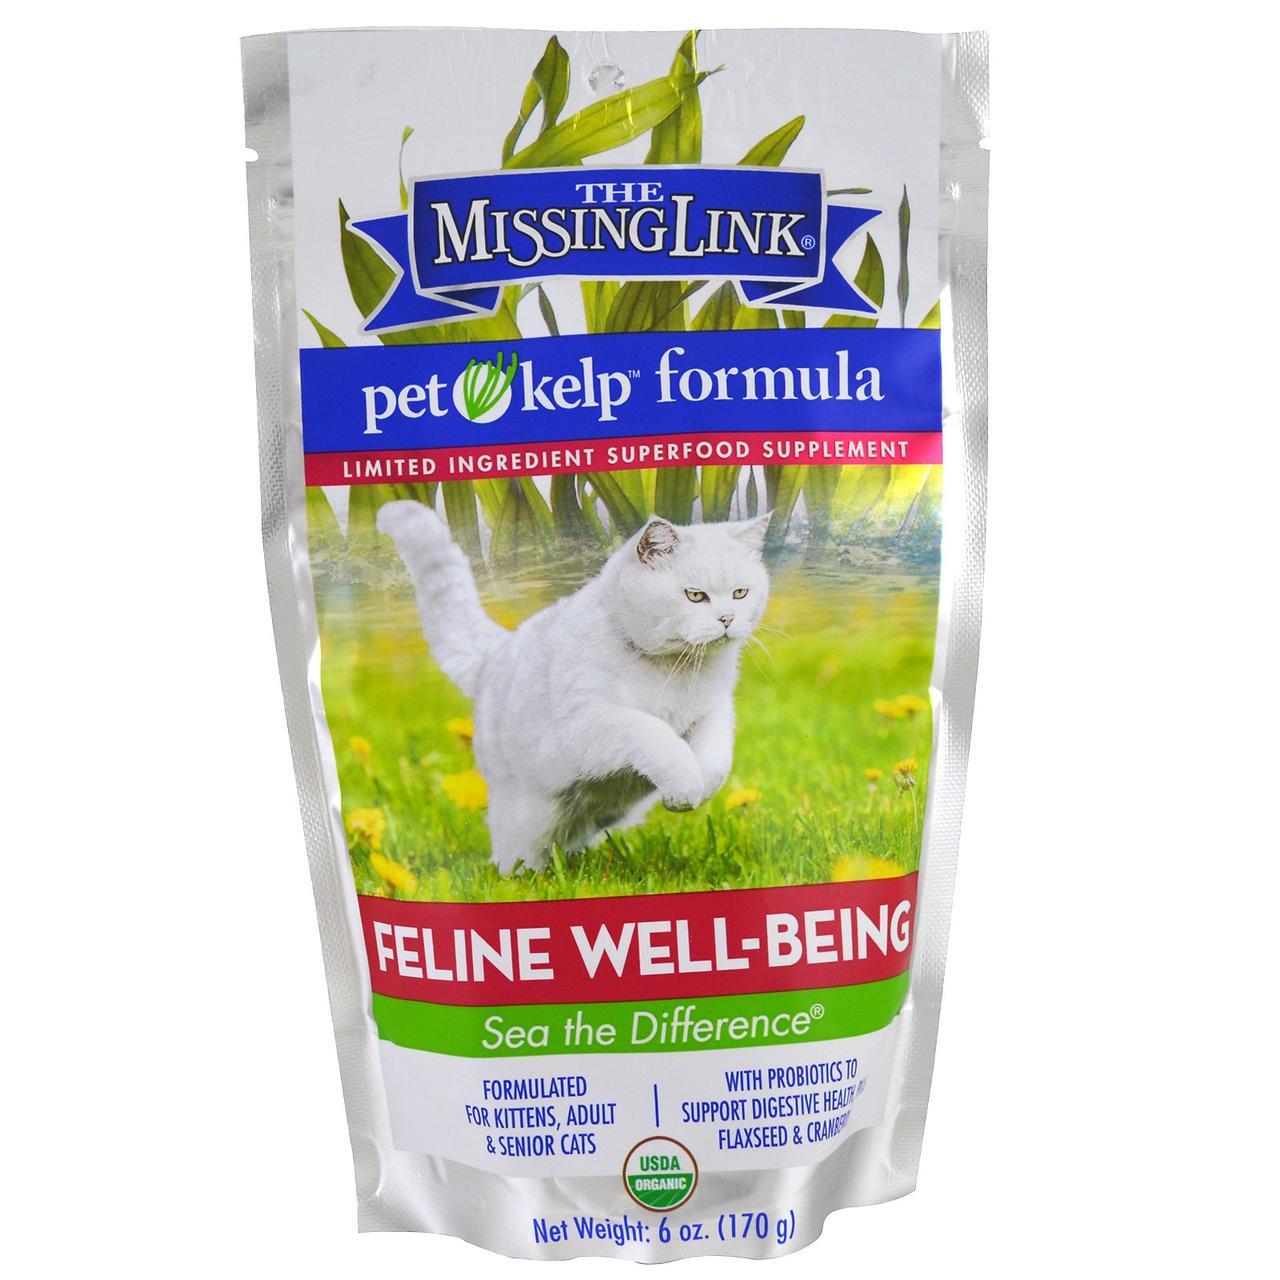 The Missing Link, Формула из бурых водорослей для домашних животных, здоровье, для кошек, 170 г (6 унций)